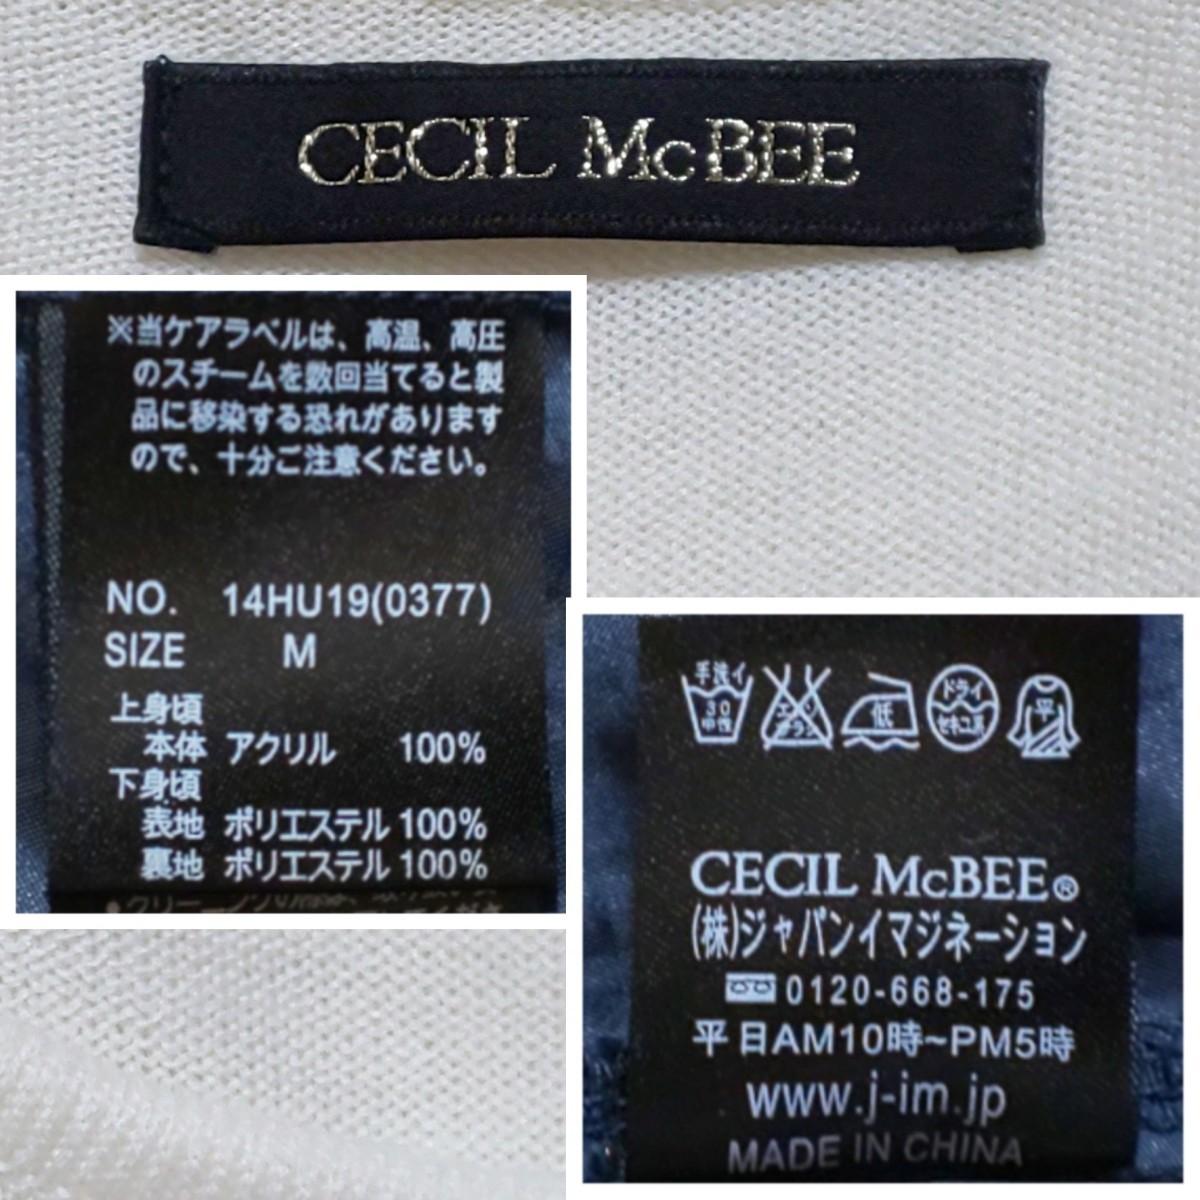 セシルマクビー オフホワイトニット×紺スカート切替半袖ワンピース